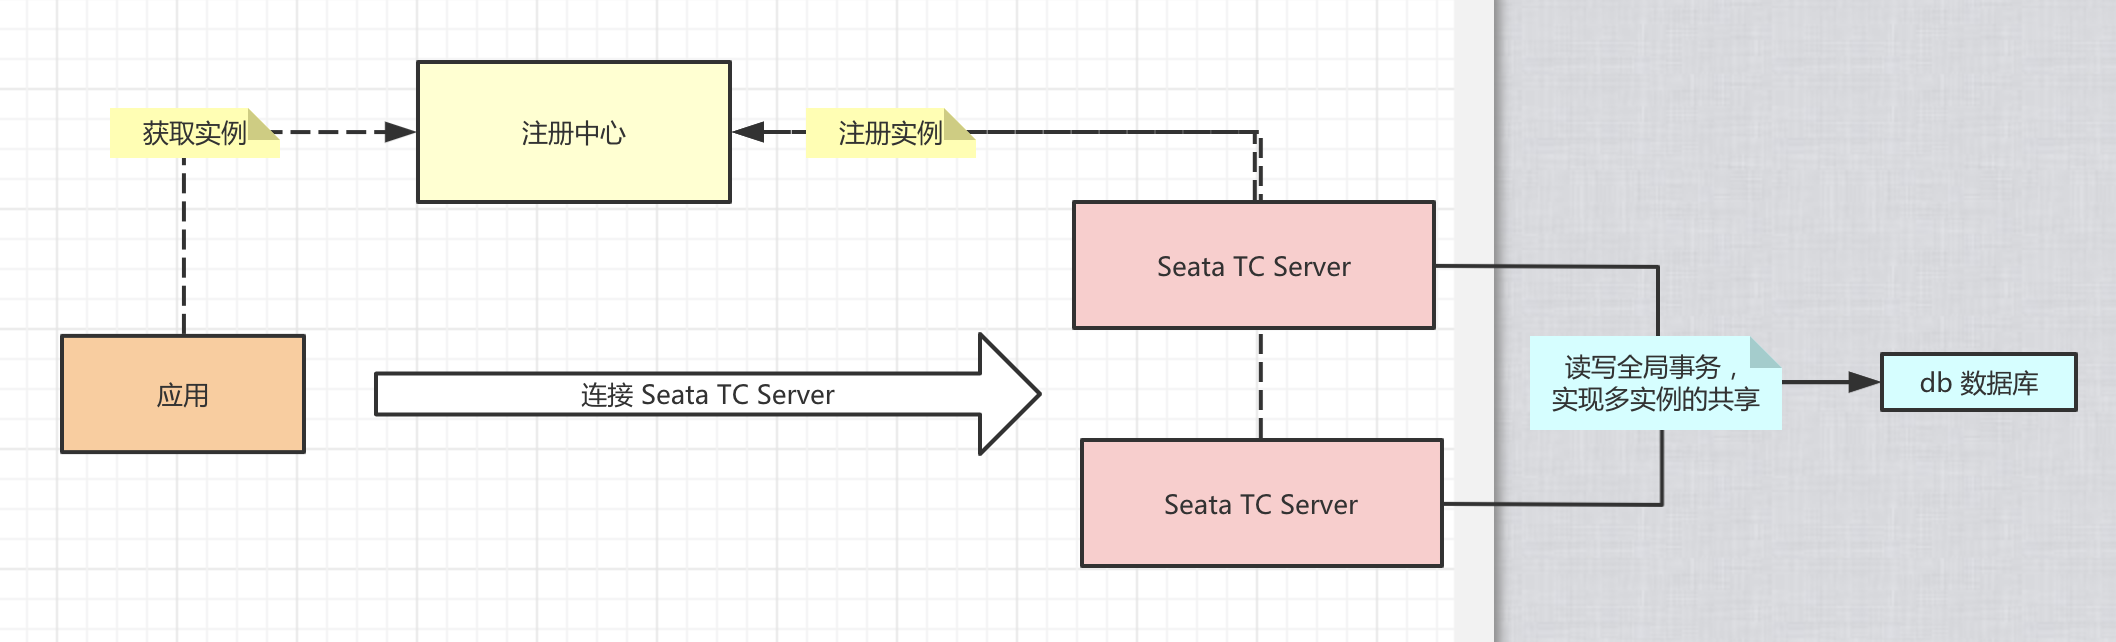 集群 TC Server